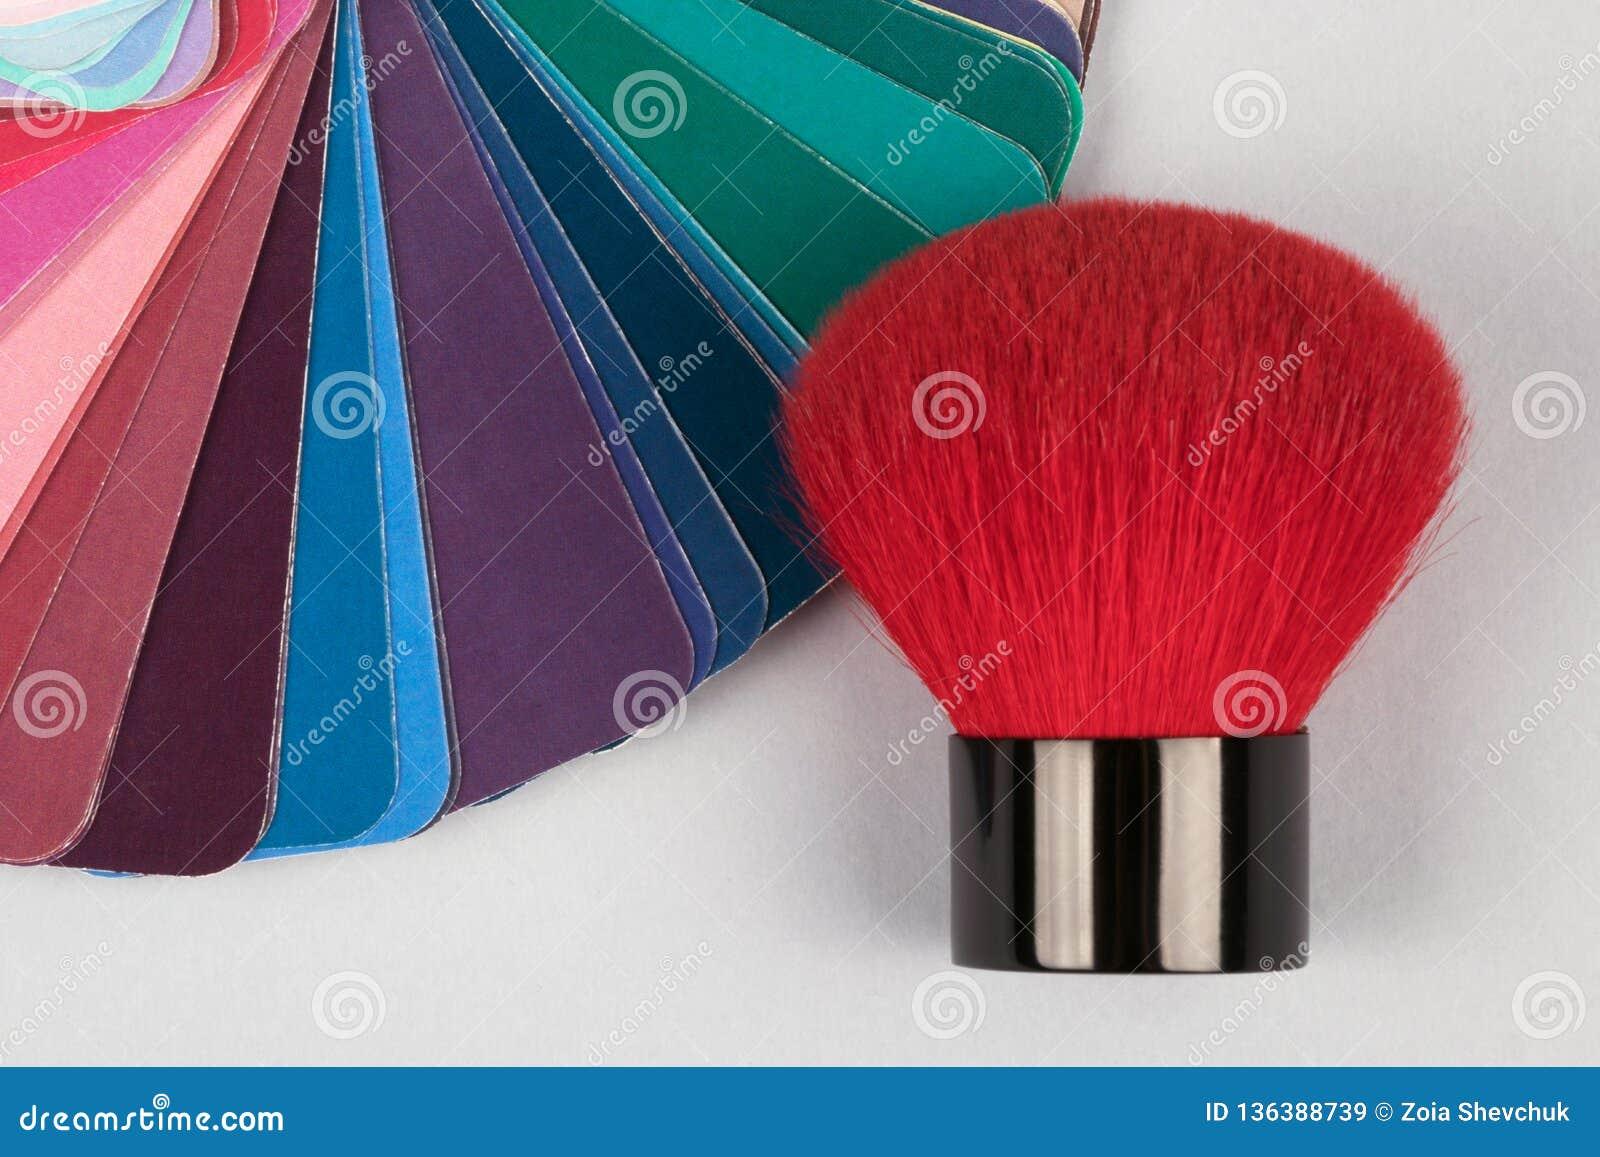 Cubierta de la fan del color con las muestras de diversas pinturas con el cepillo rojo para el maquillaje